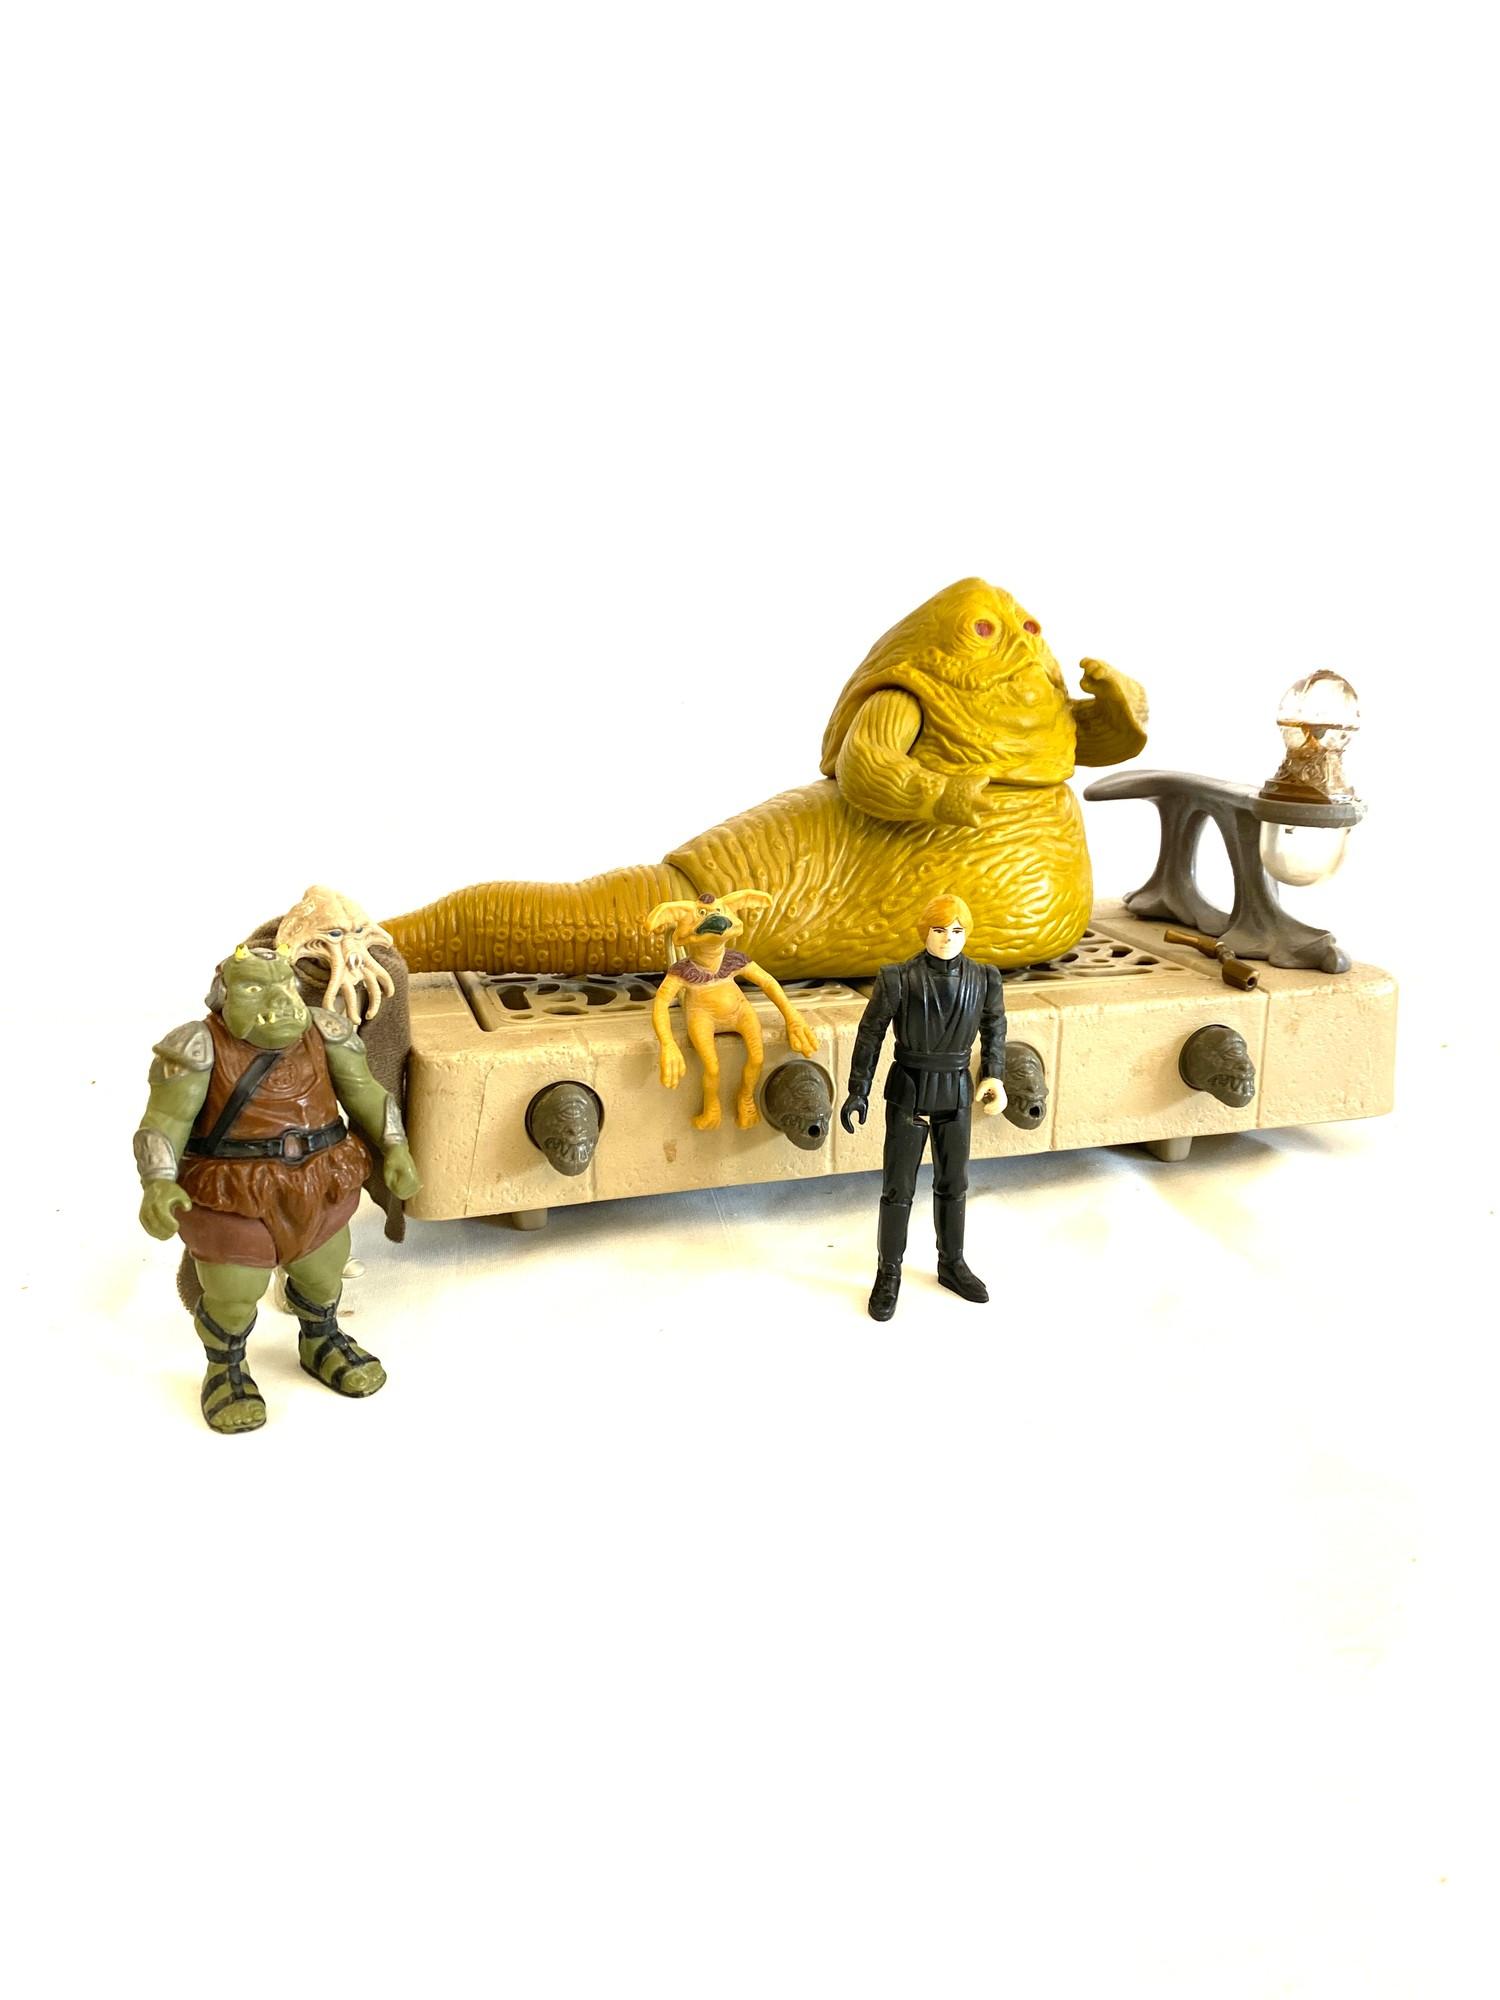 Starwars / Star wars Kenner 39610 Star Wars The Empire Strikes Back Rebel armored Snowspeeder, - Image 3 of 5